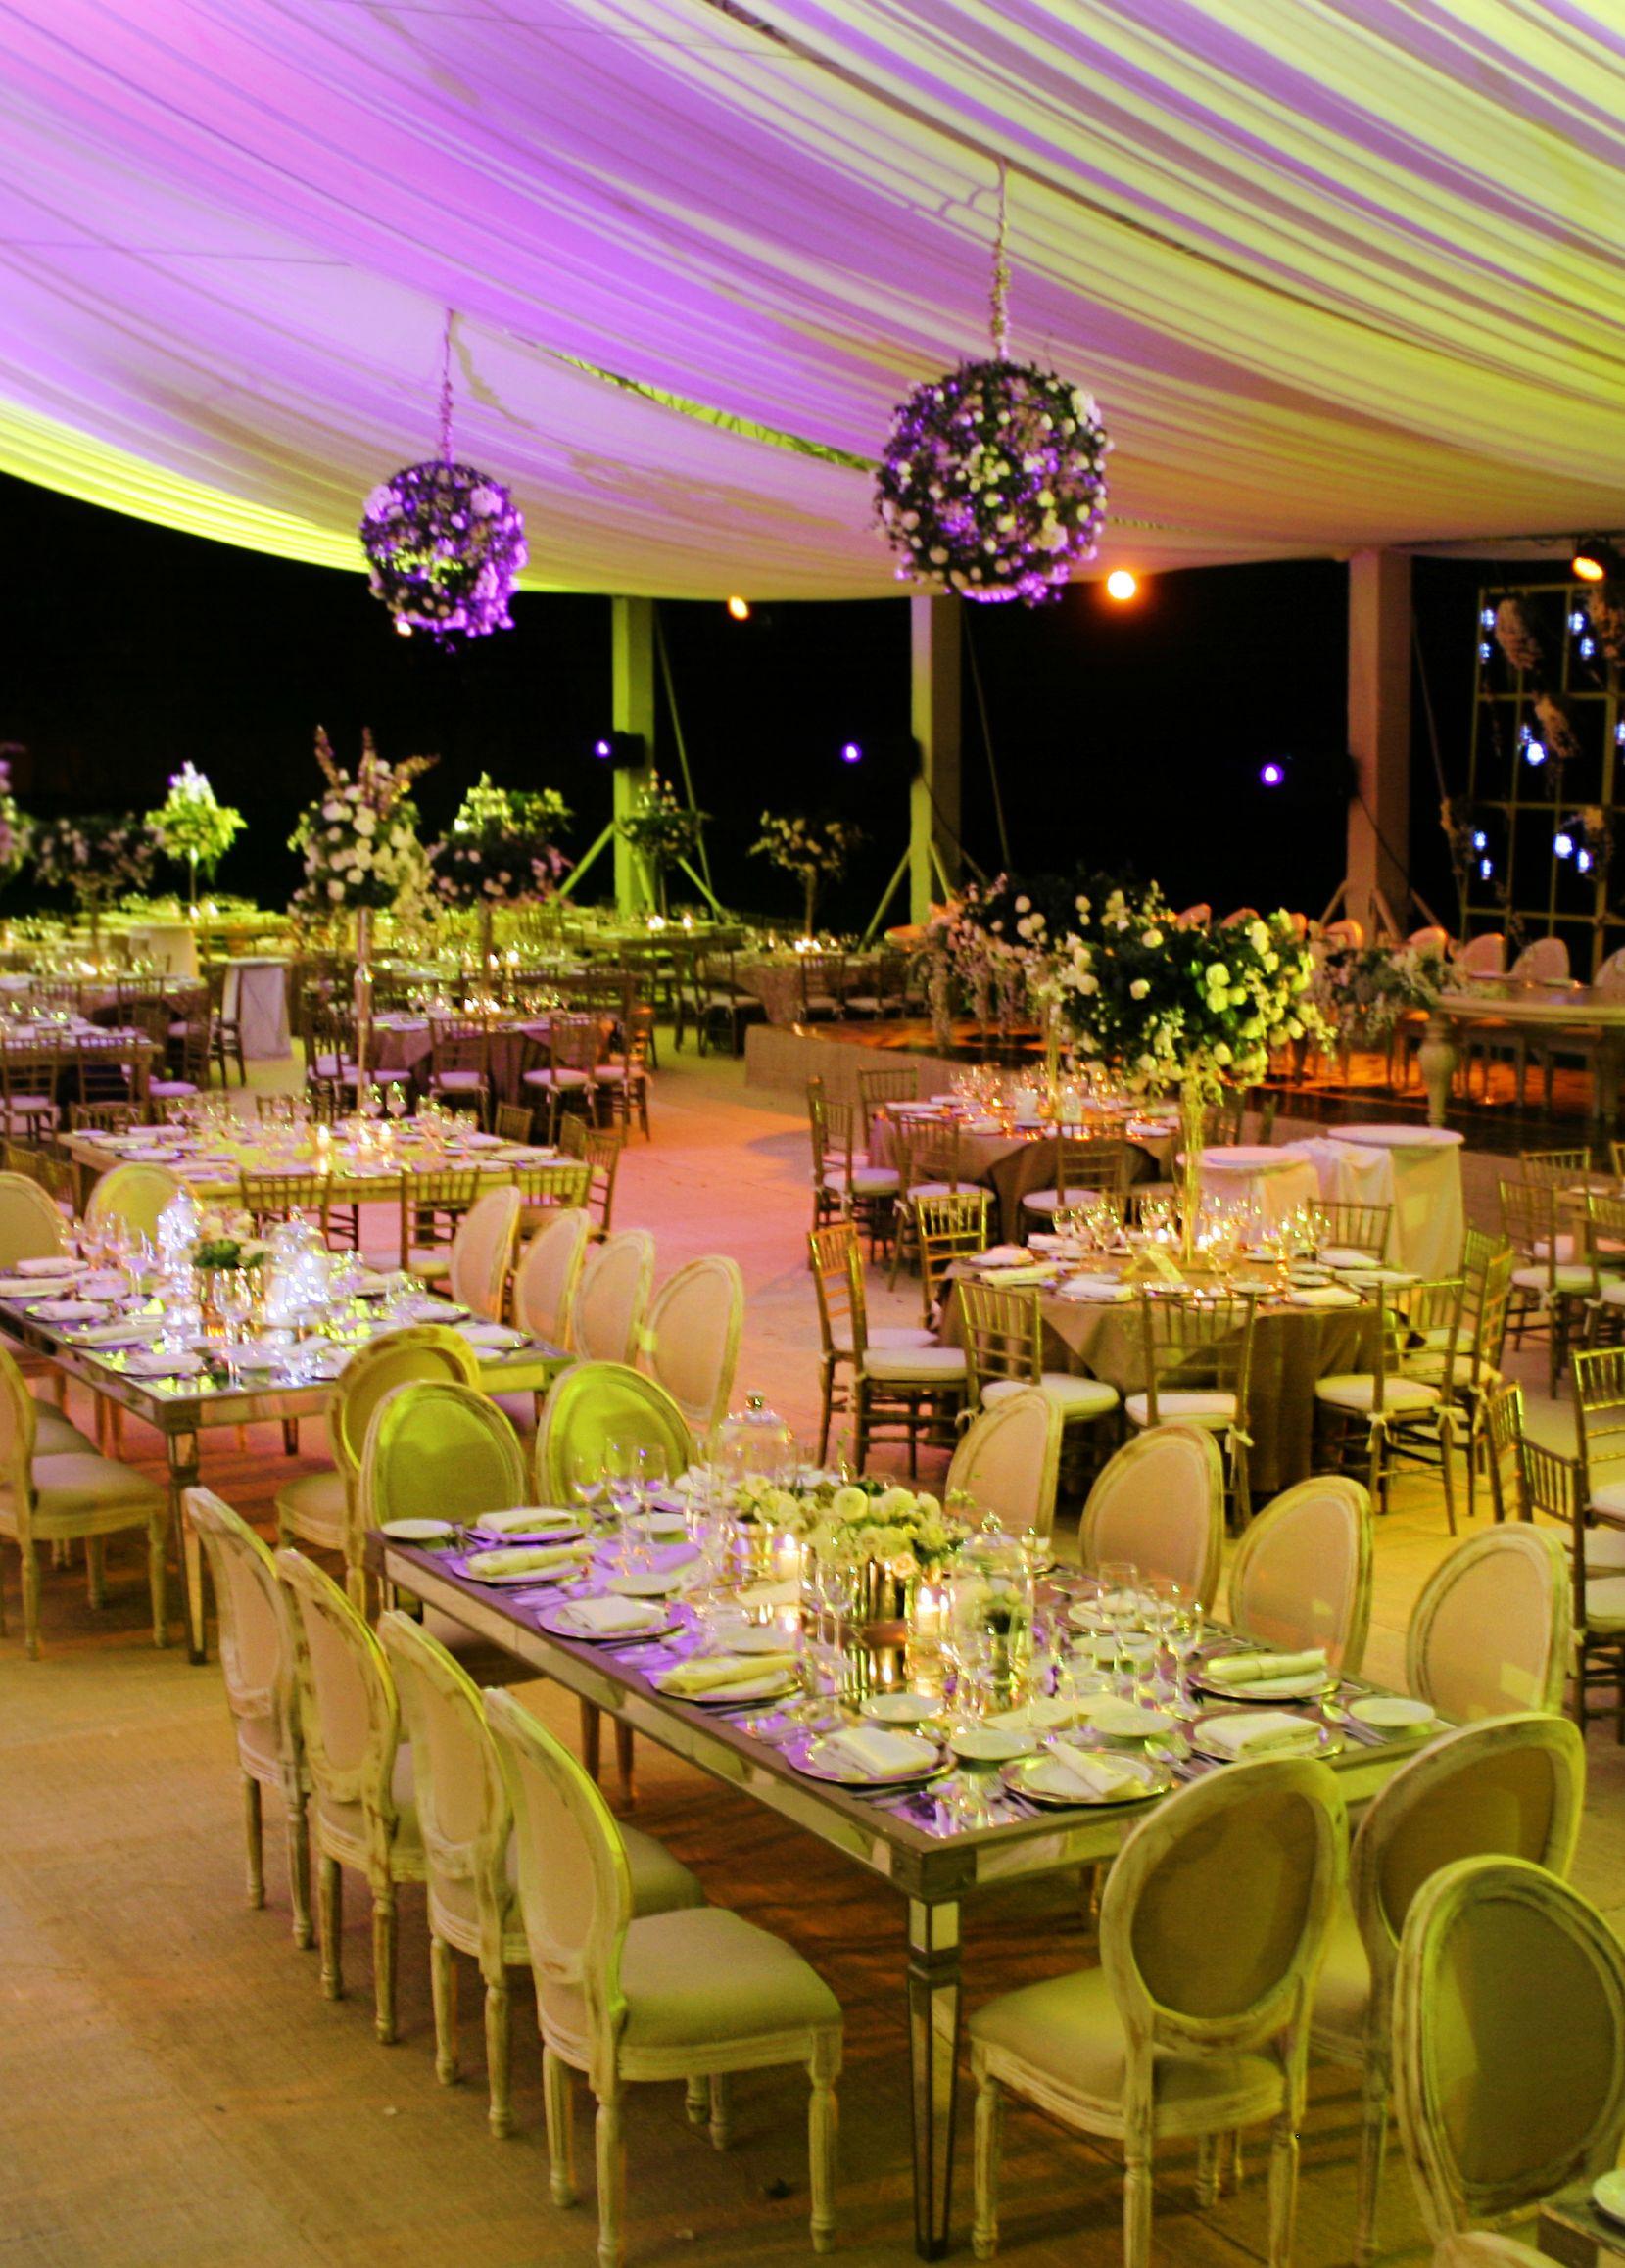 Montaje de boda en jard n con iluminaci n bodas en for Iluminacion para jardines